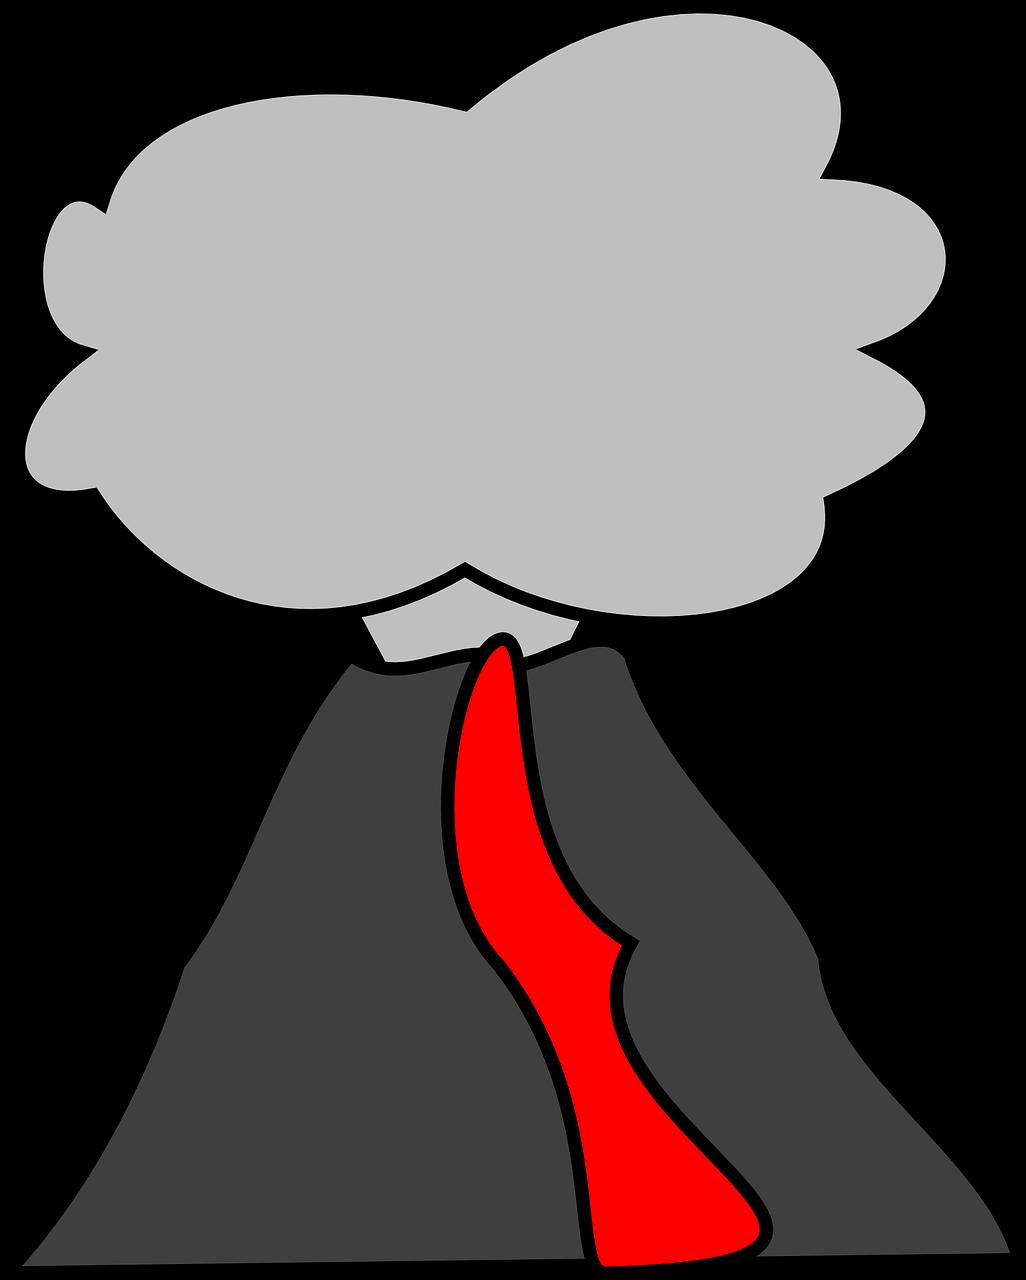 Volcano more clipart #12